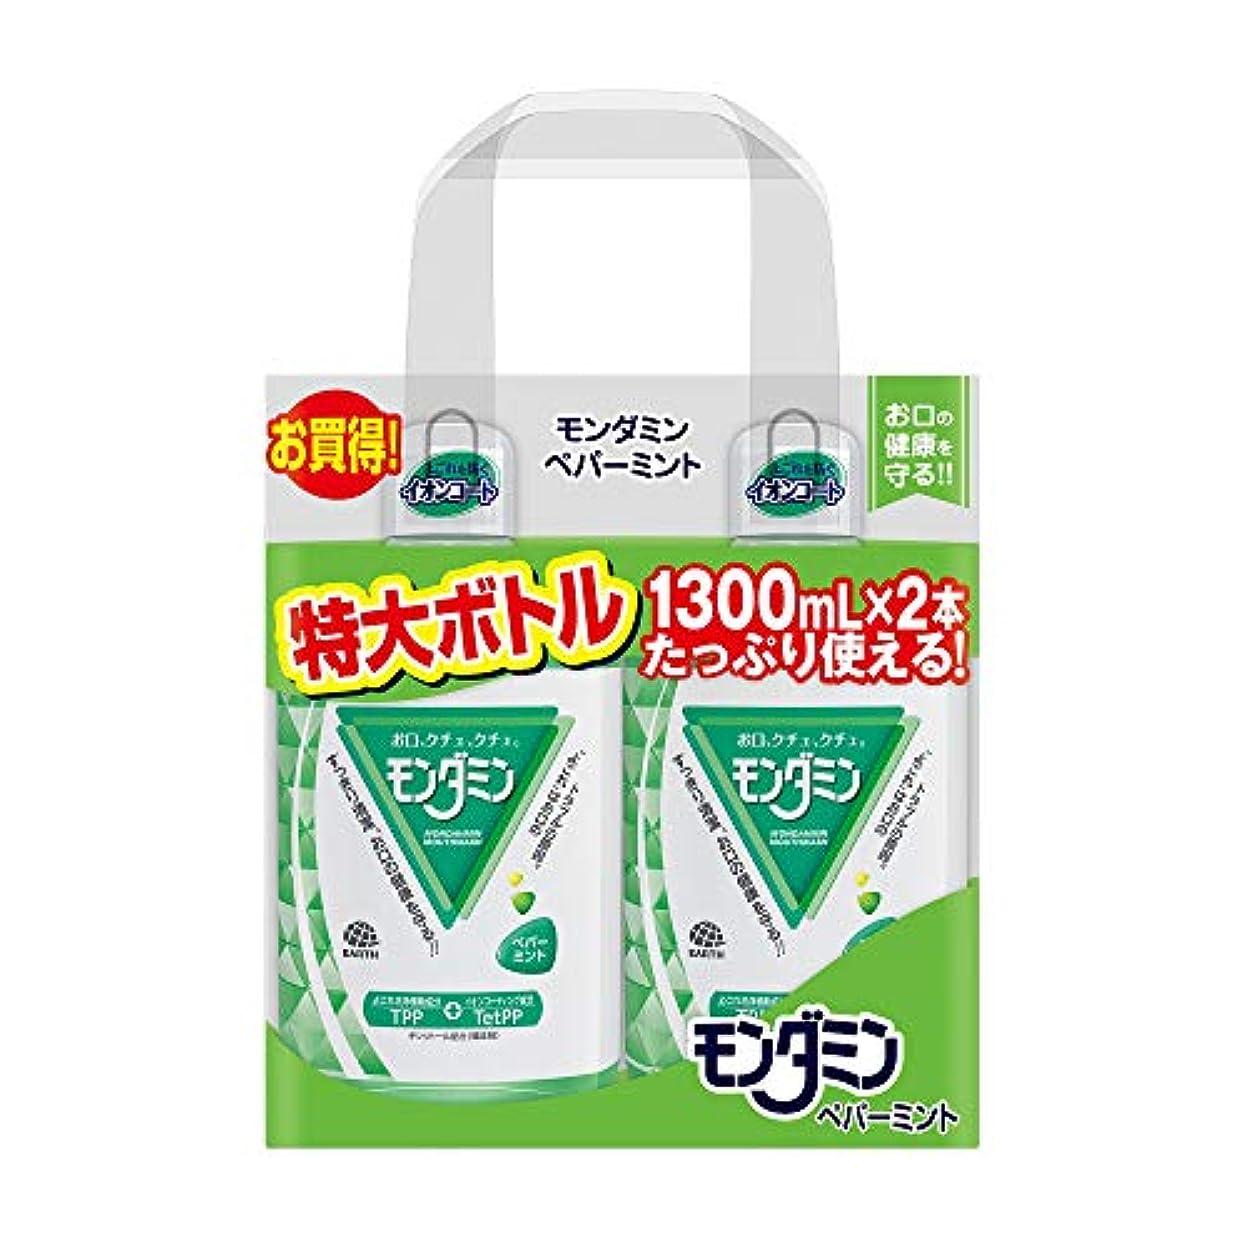 【まとめ買い】モンダミン ペパーミント マウスウォッシュ [1300mL x 2個]